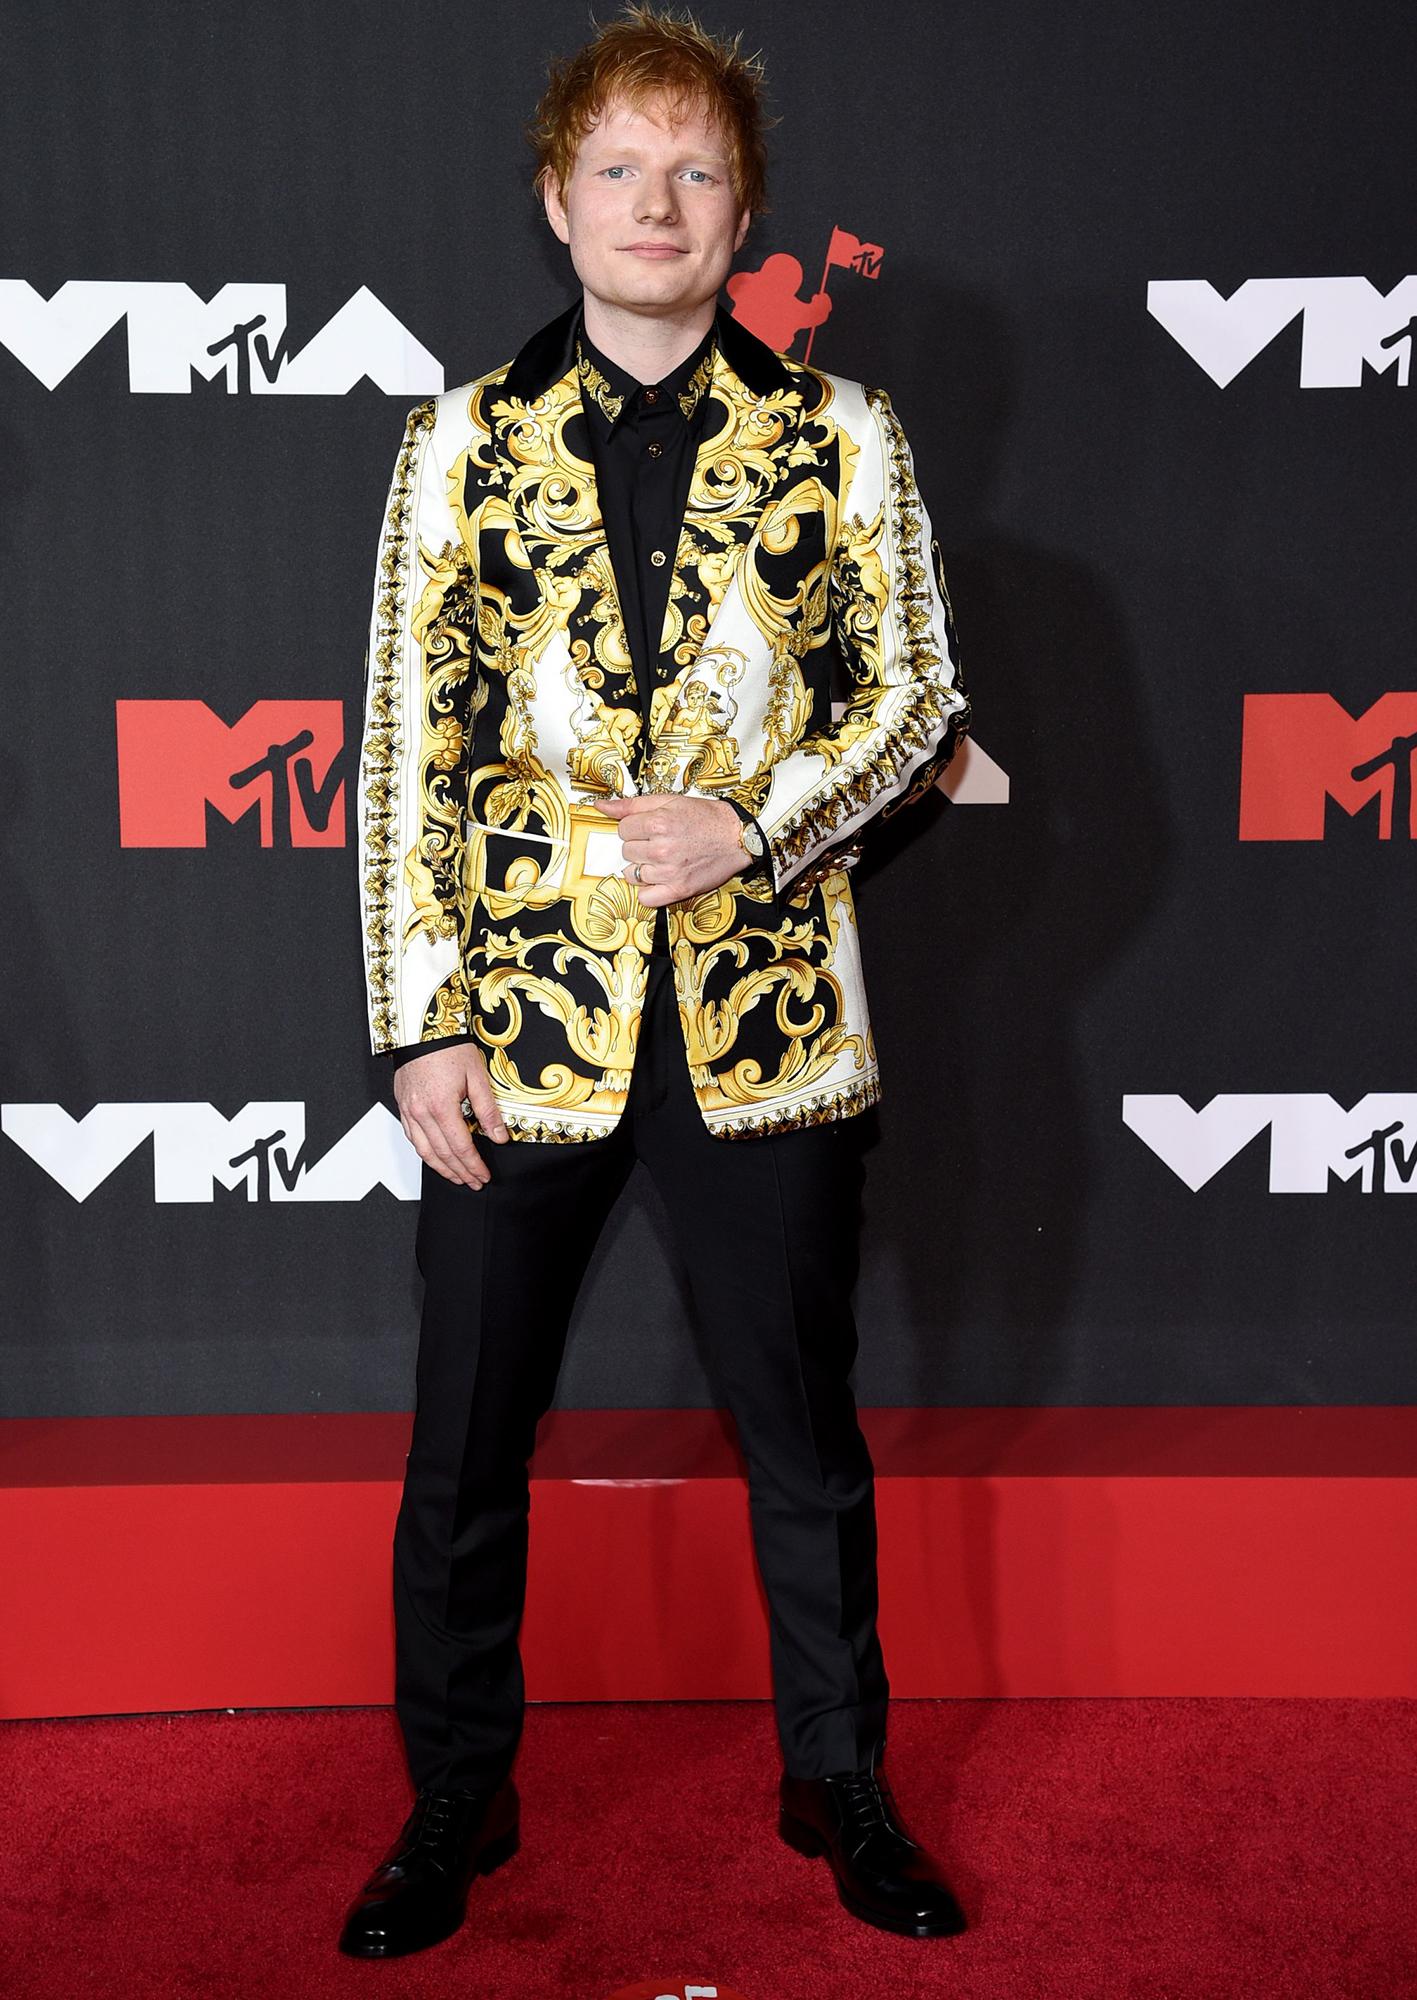 Ed Sheeran arrives at the 2021 MTV Video Music Awards